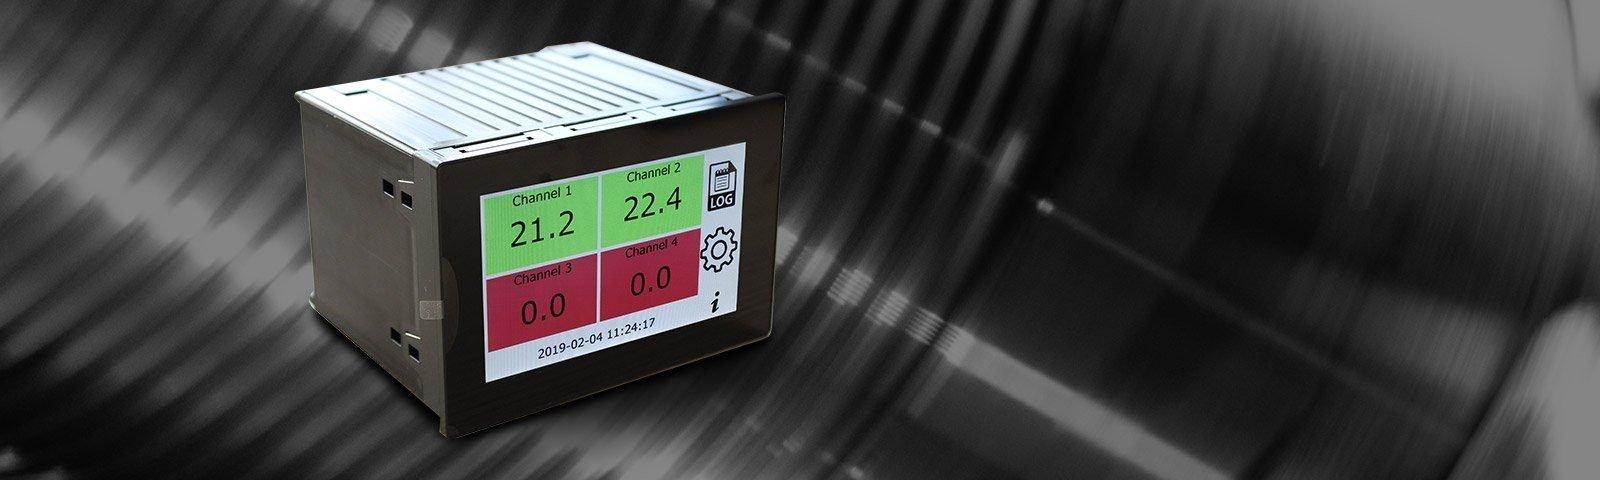 Sistema de monitorización Thor V4.0 - O.M.LER s.r.l.